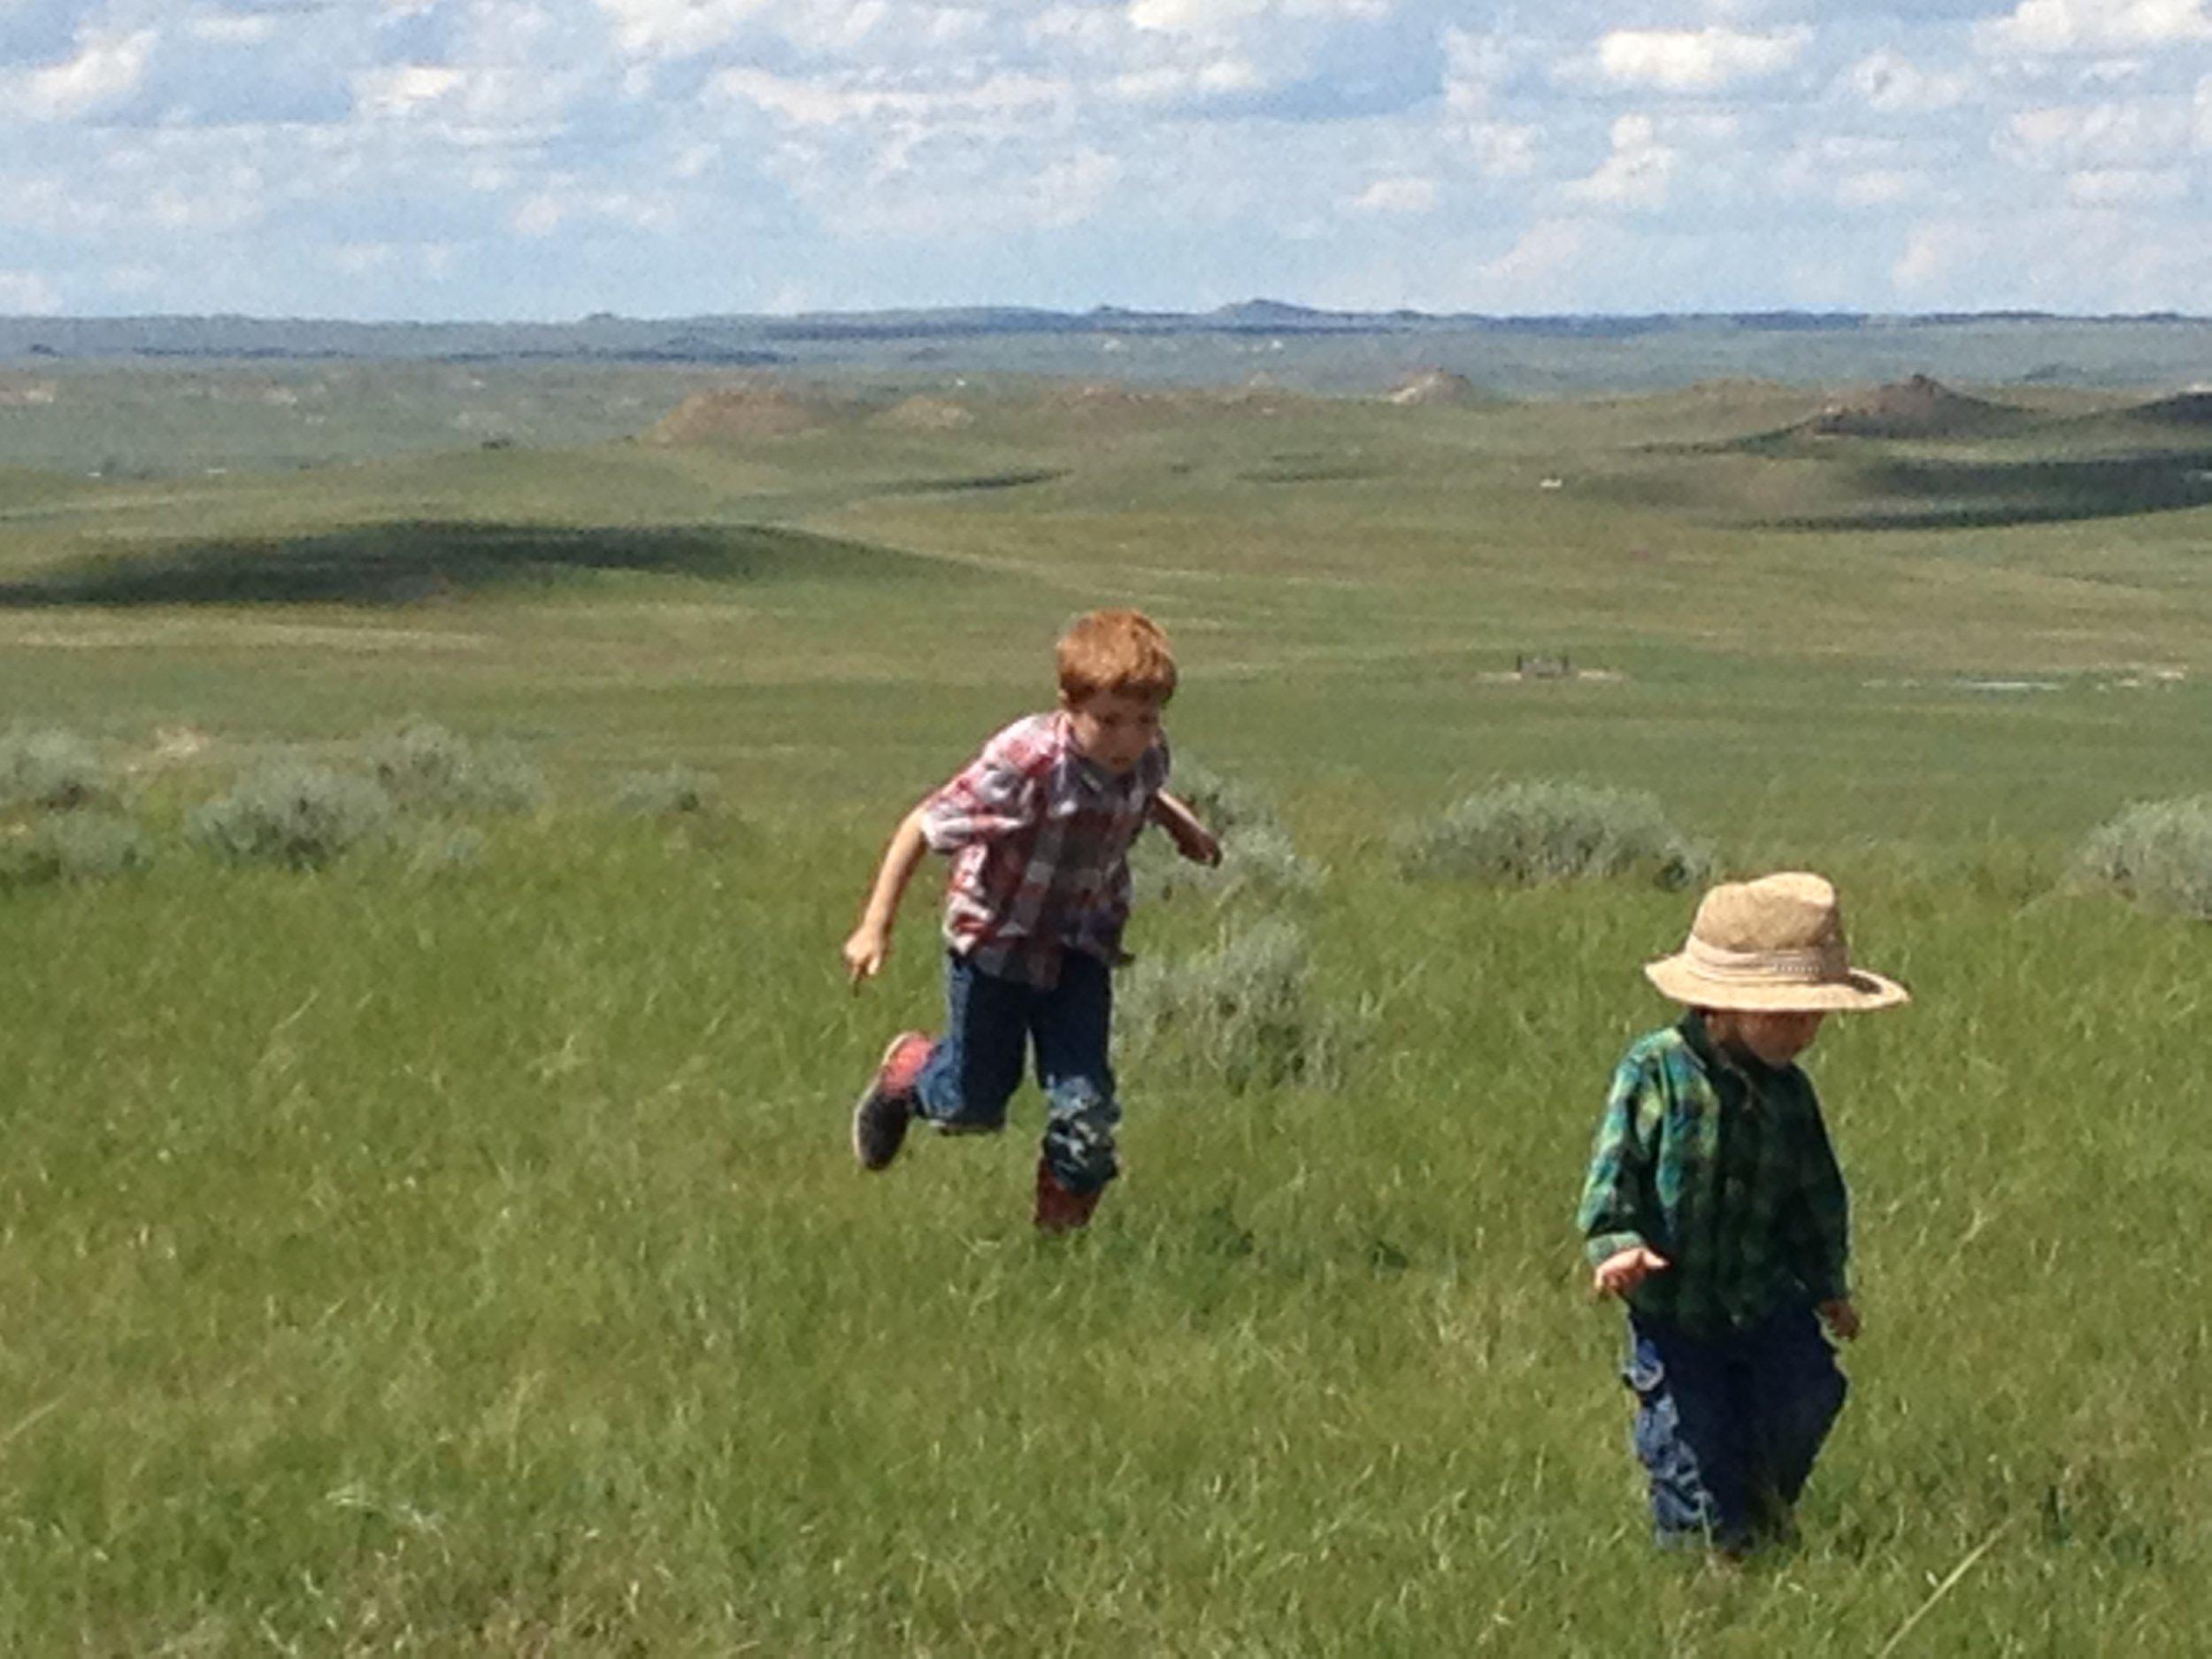 The Dalton boys, Antelope Springs Ranch, Montana